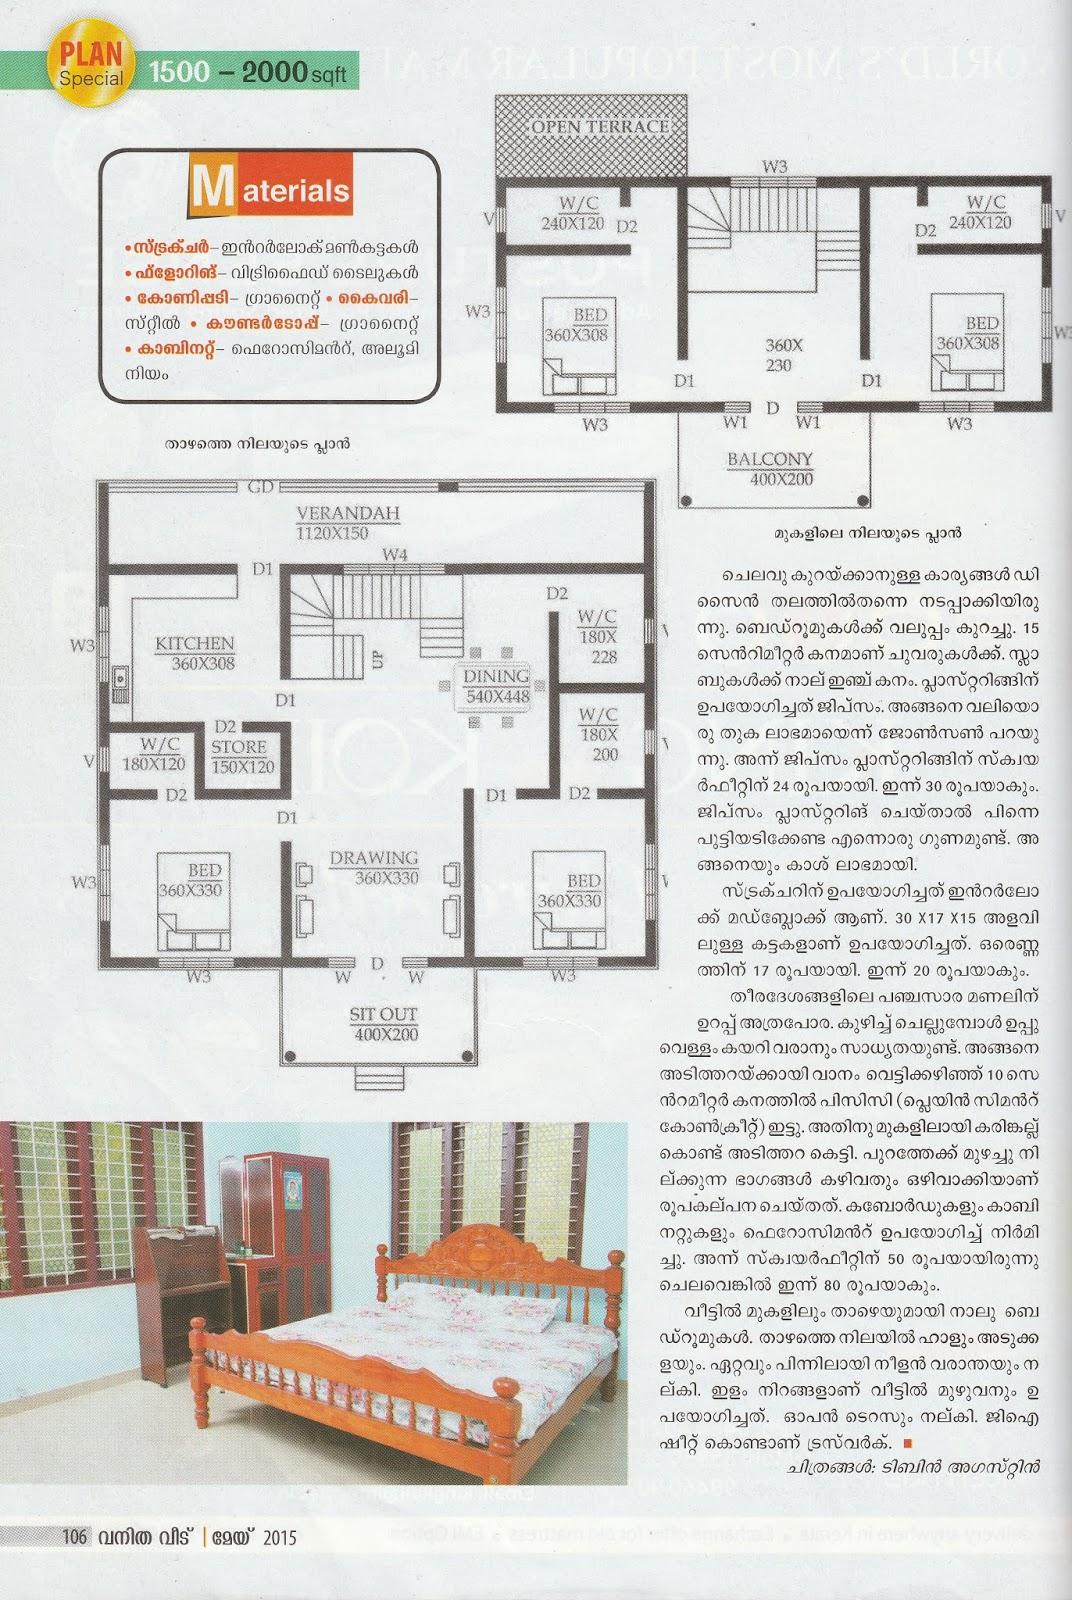 Veedu Magazine Articles building designers